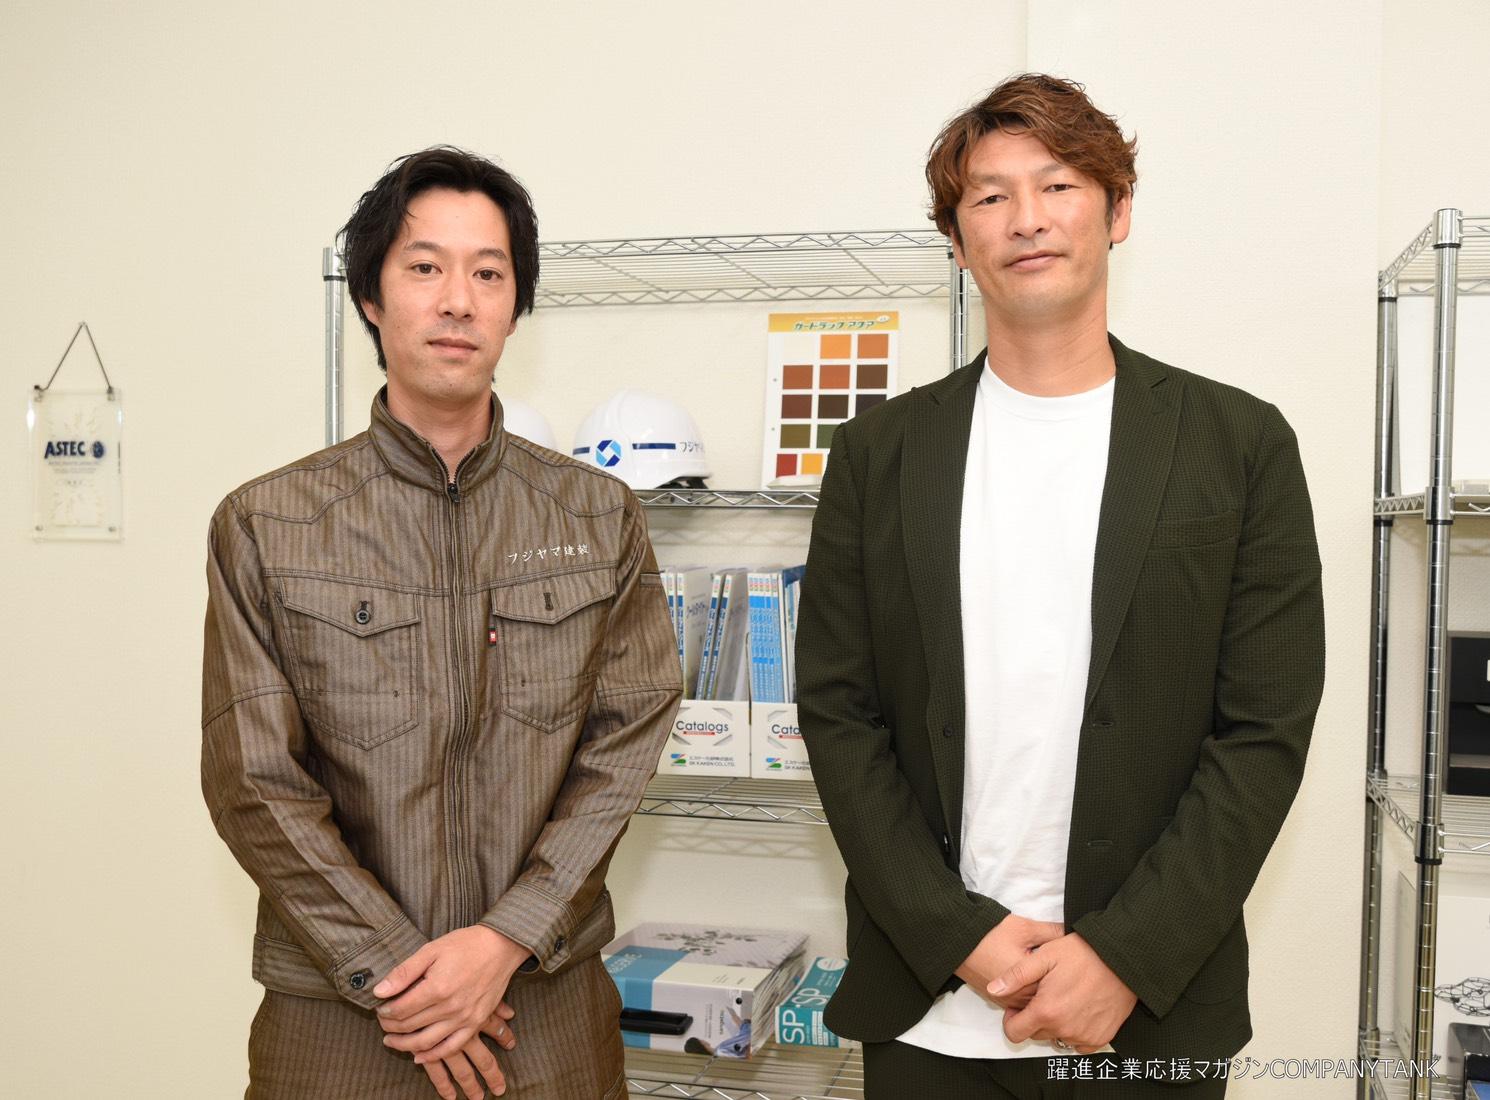 対談後記念撮影 (右)巻誠一郎さん (左)藤嶋高弘